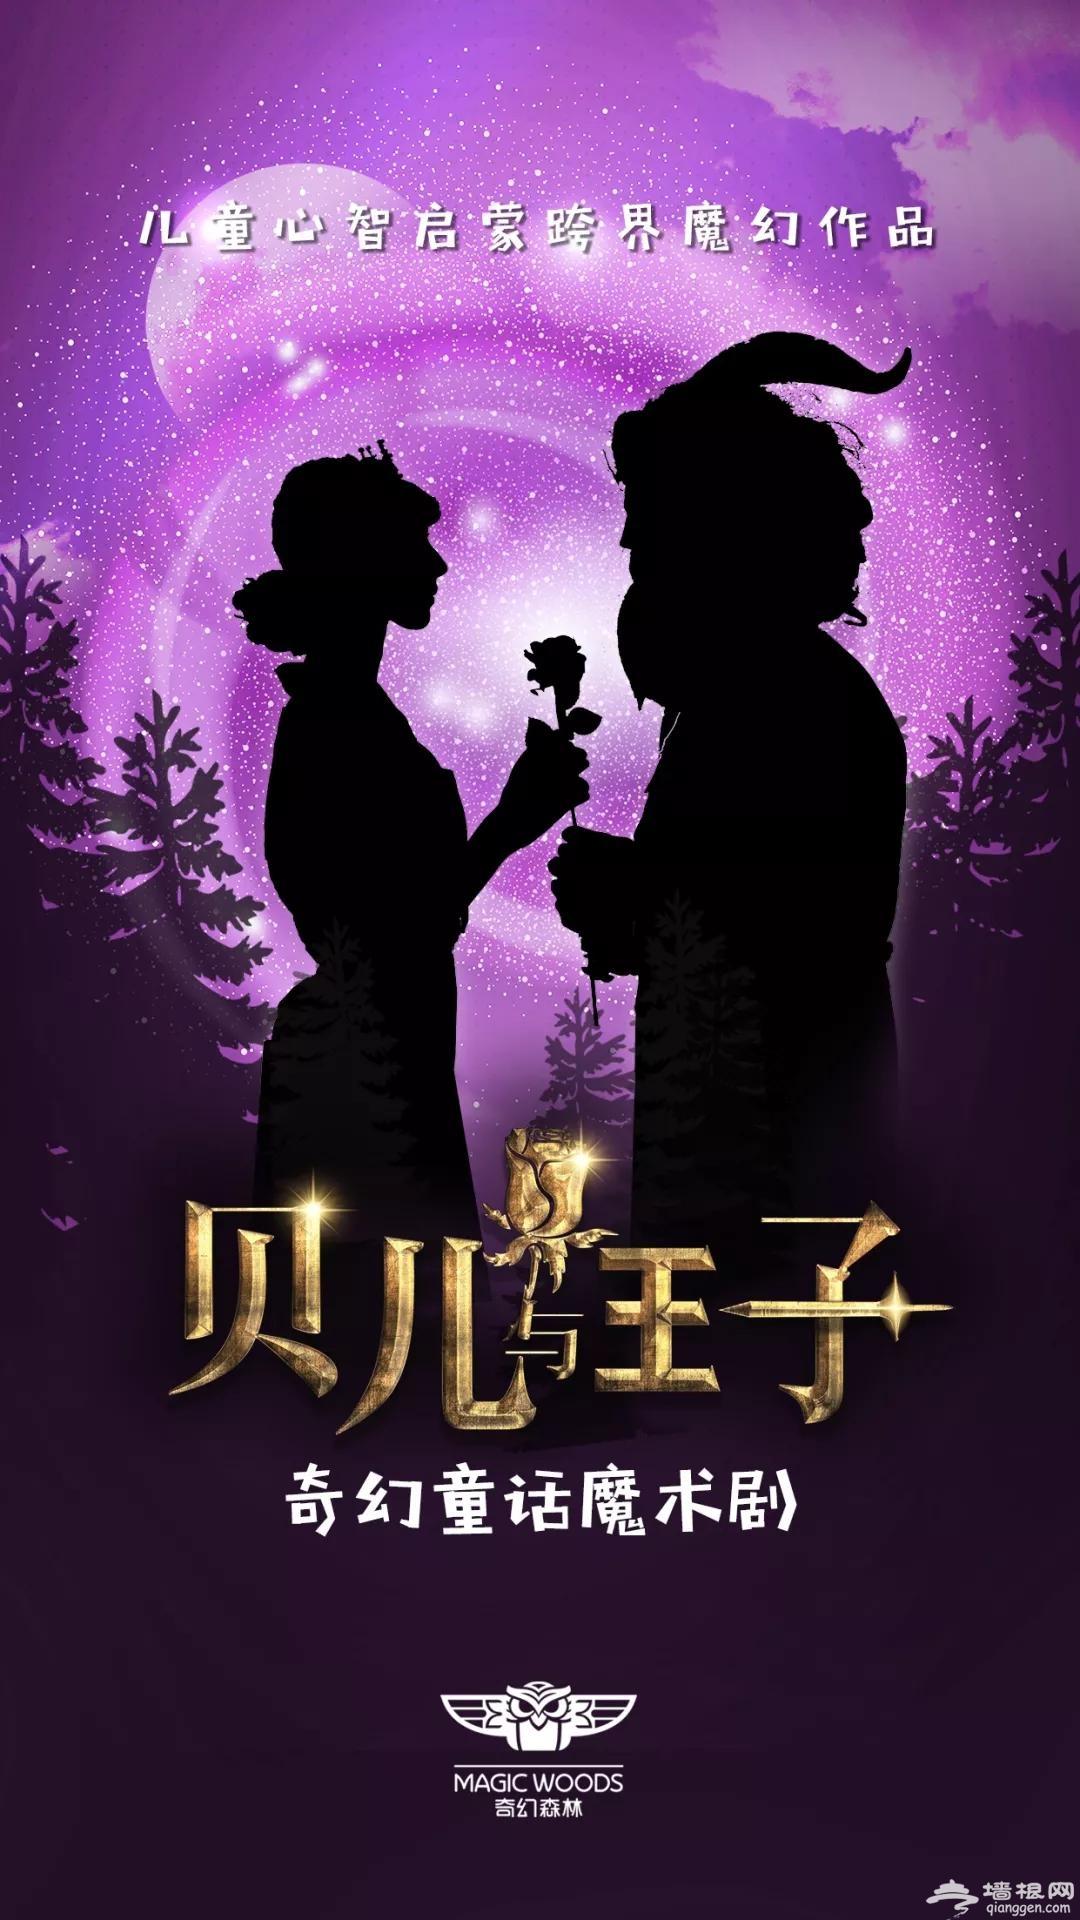 奇幻森林魔术剧 周末的神奇聚会[墙根网]